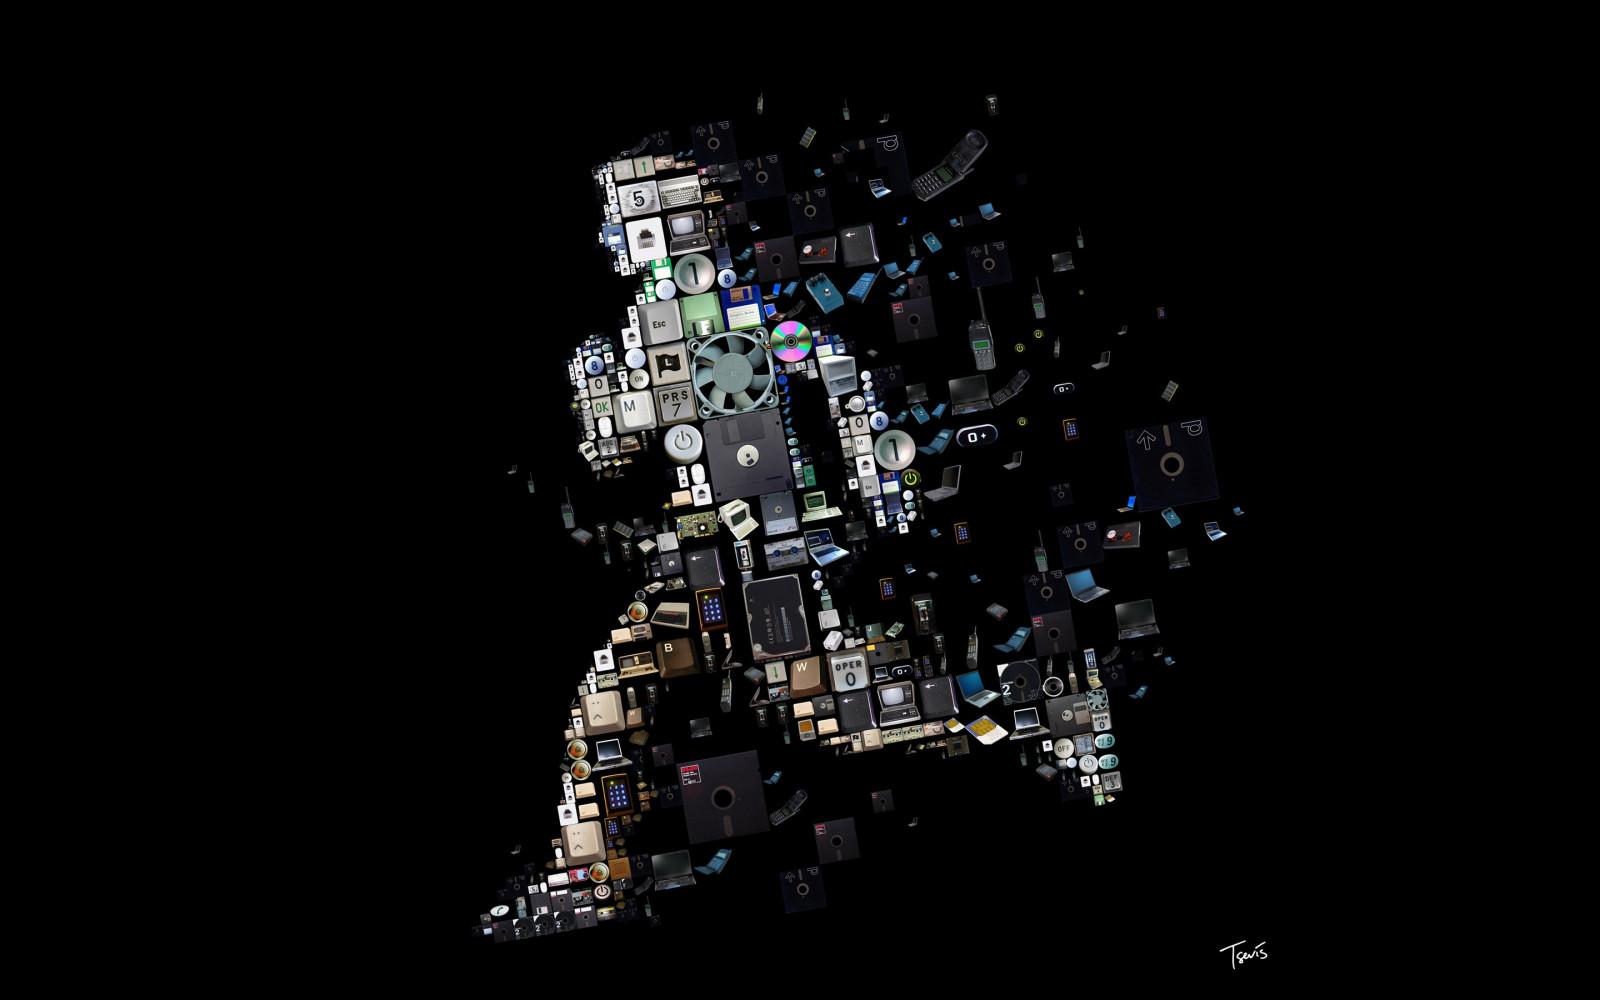 Sfondi Uomini Arte Digitale Sfondo Nero Notte Spazio Numeri